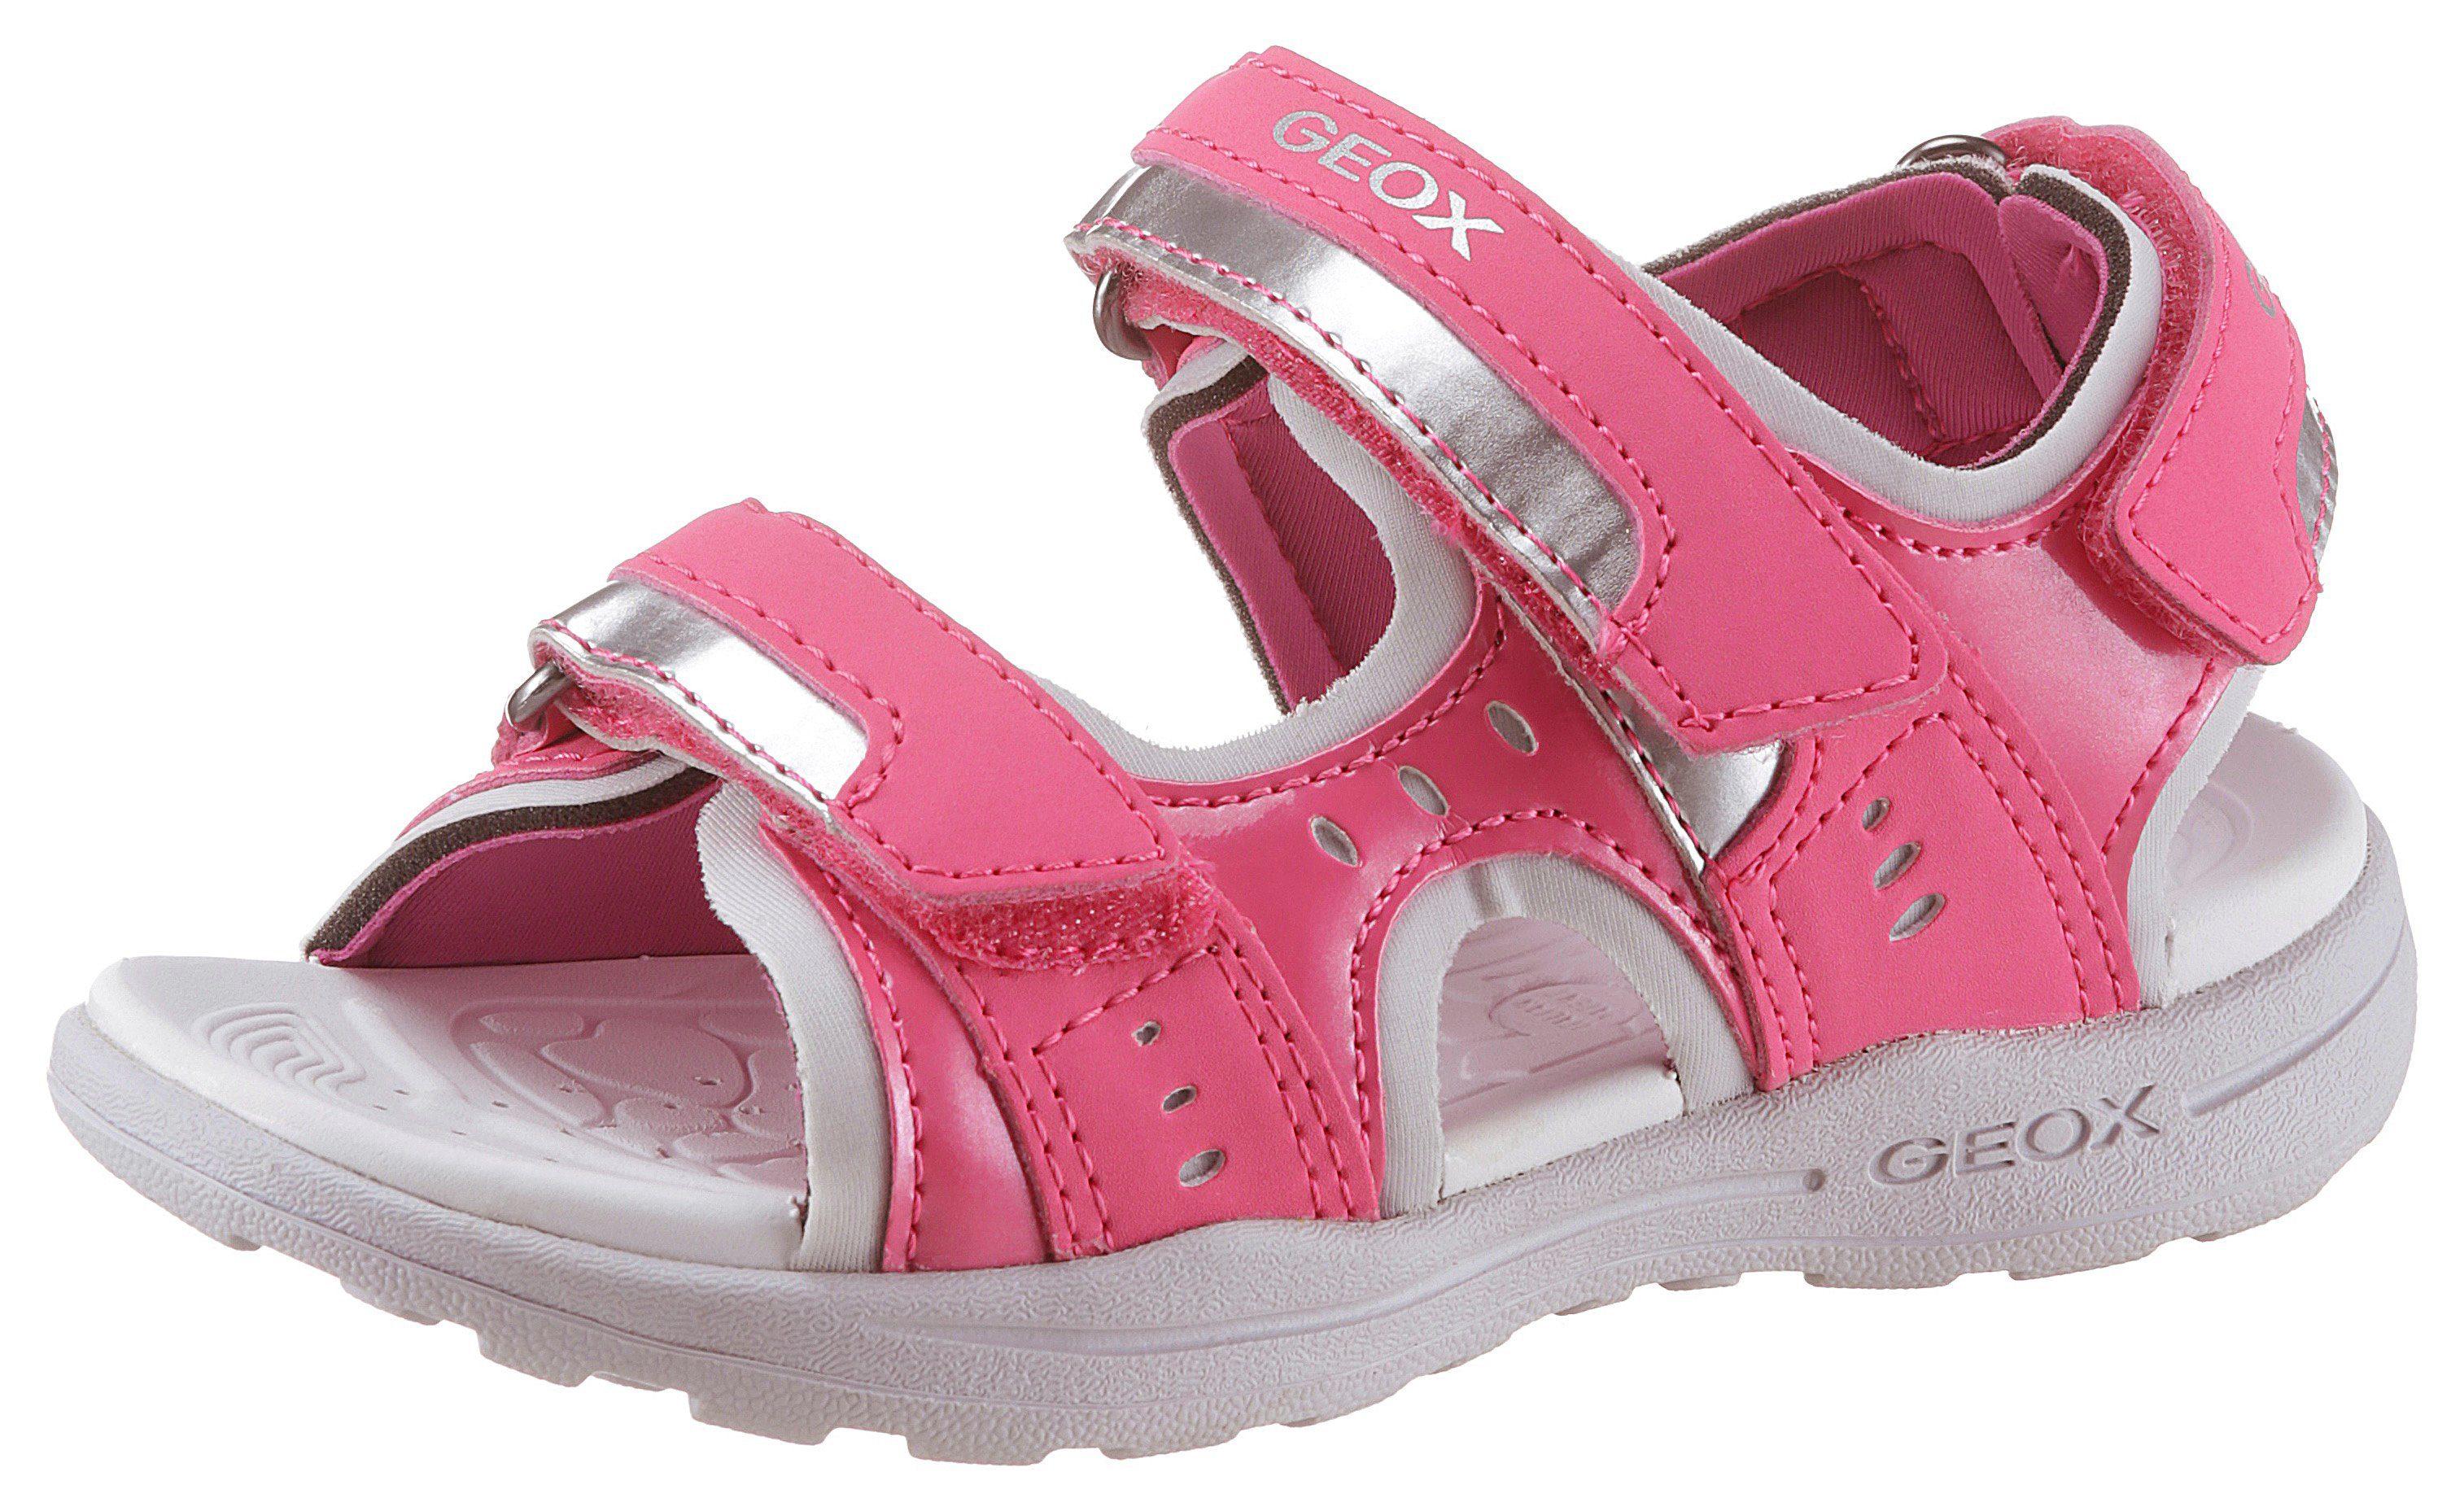 Geox Kids »Vaniett« Sandale mit praktischen Klettverschlüssen online kaufen   OTTO